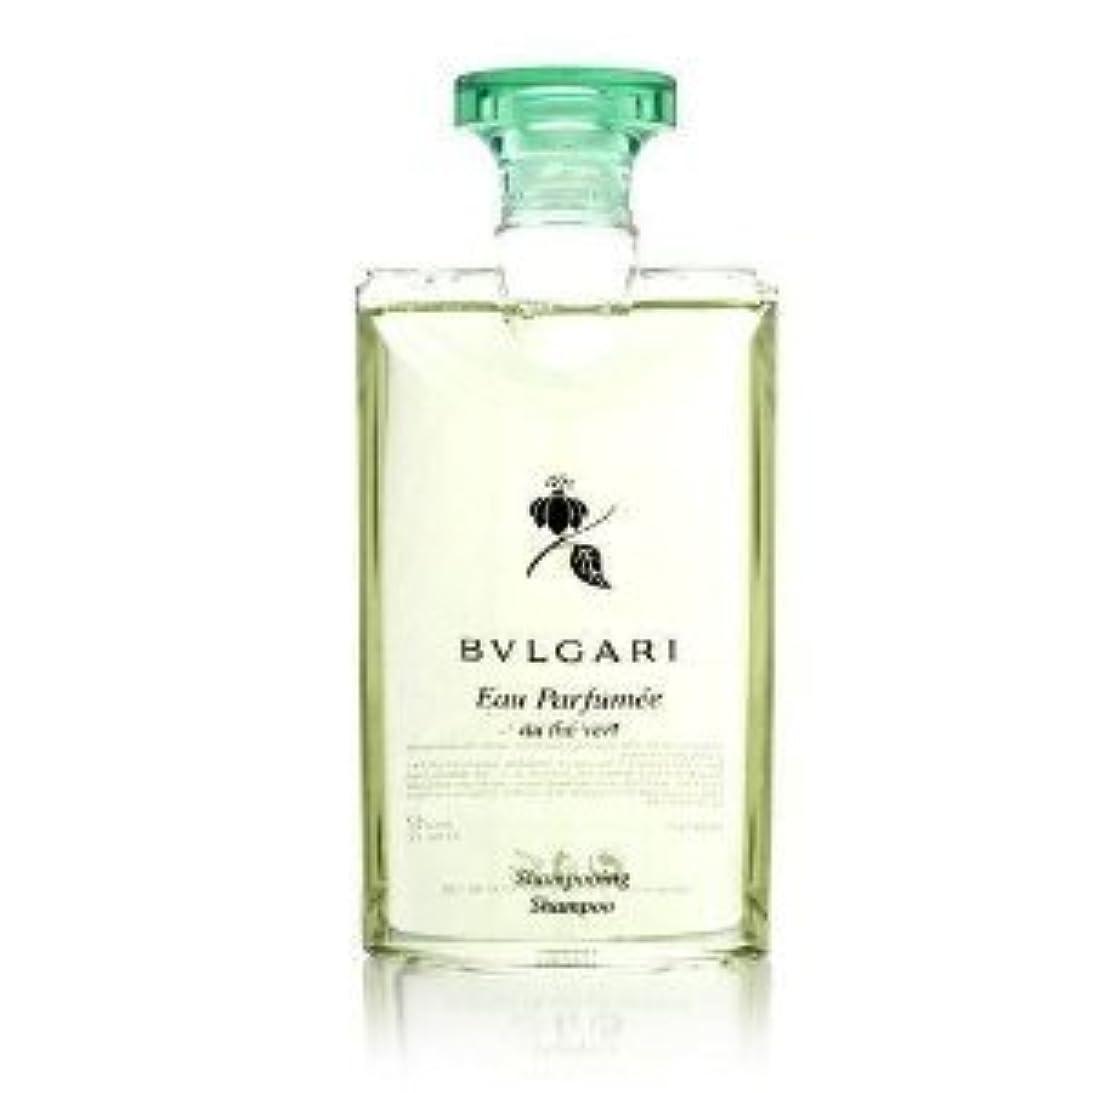 残酷なバッジ系統的Bvlgari Eau Parfumee au the vert (ブルガリ オー パフュ-メ オウ ザ バート / グリーン ティー) 2.5 oz (75ml) シャンプー